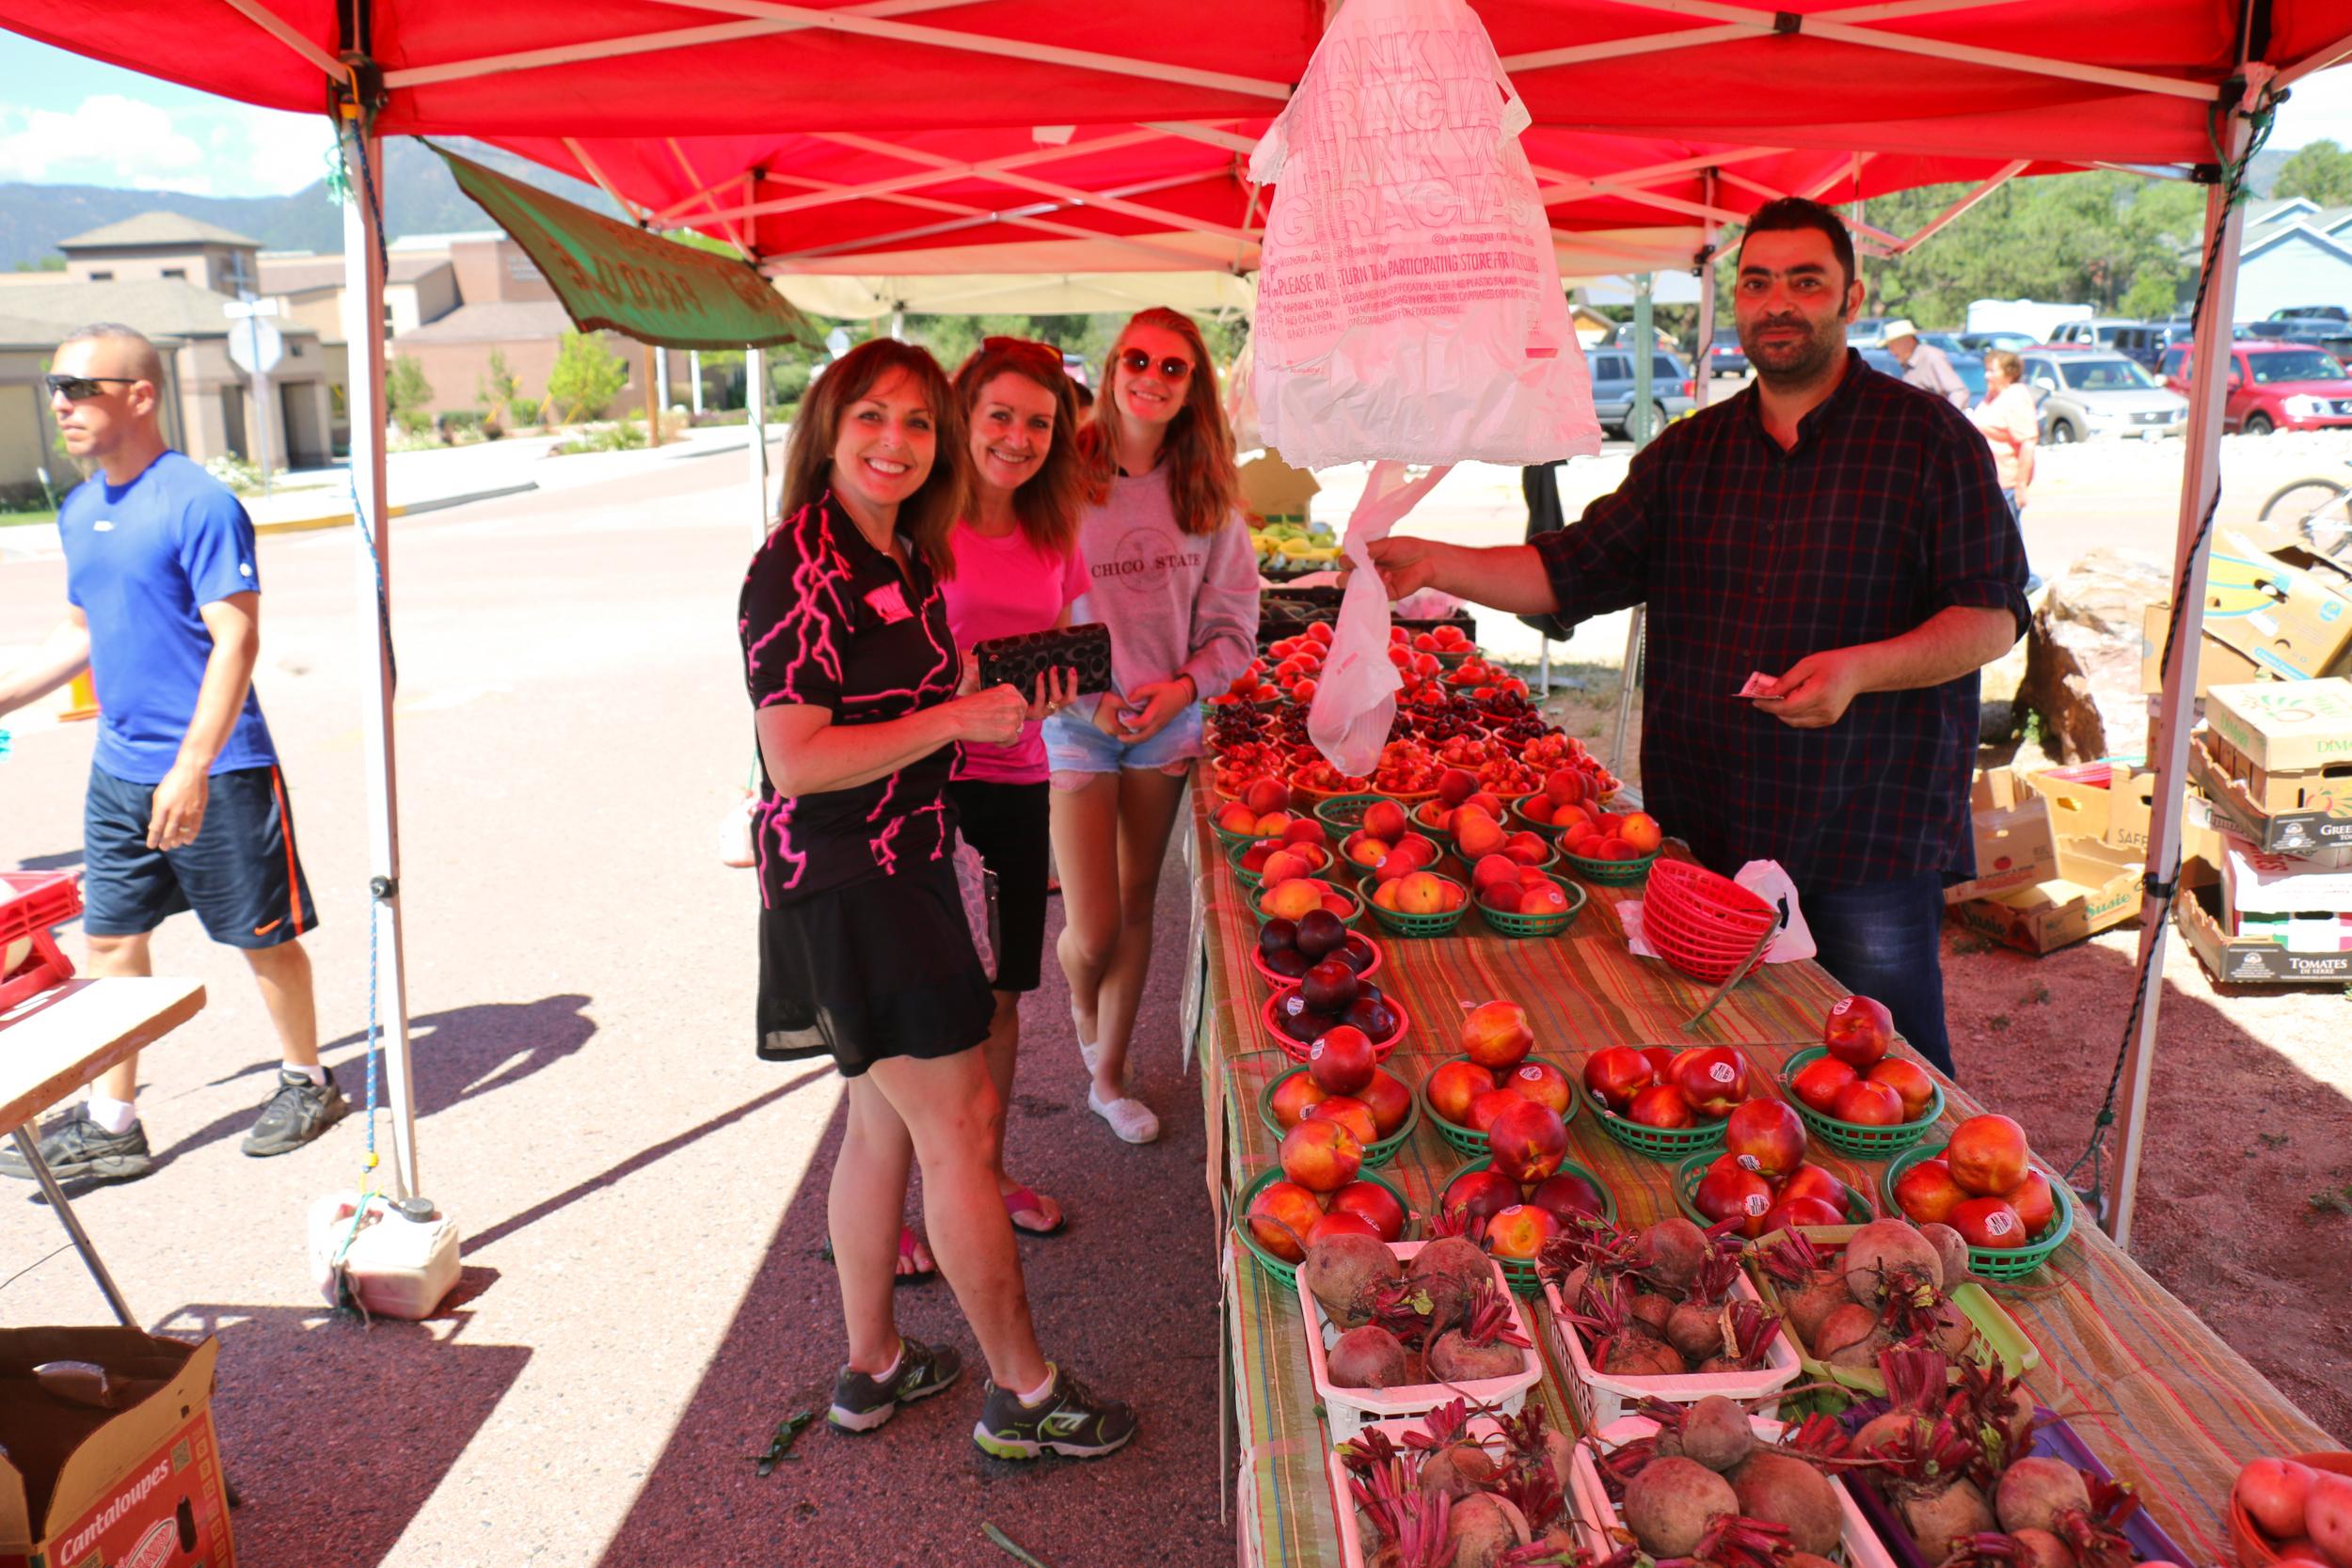 Peaches buying cherries